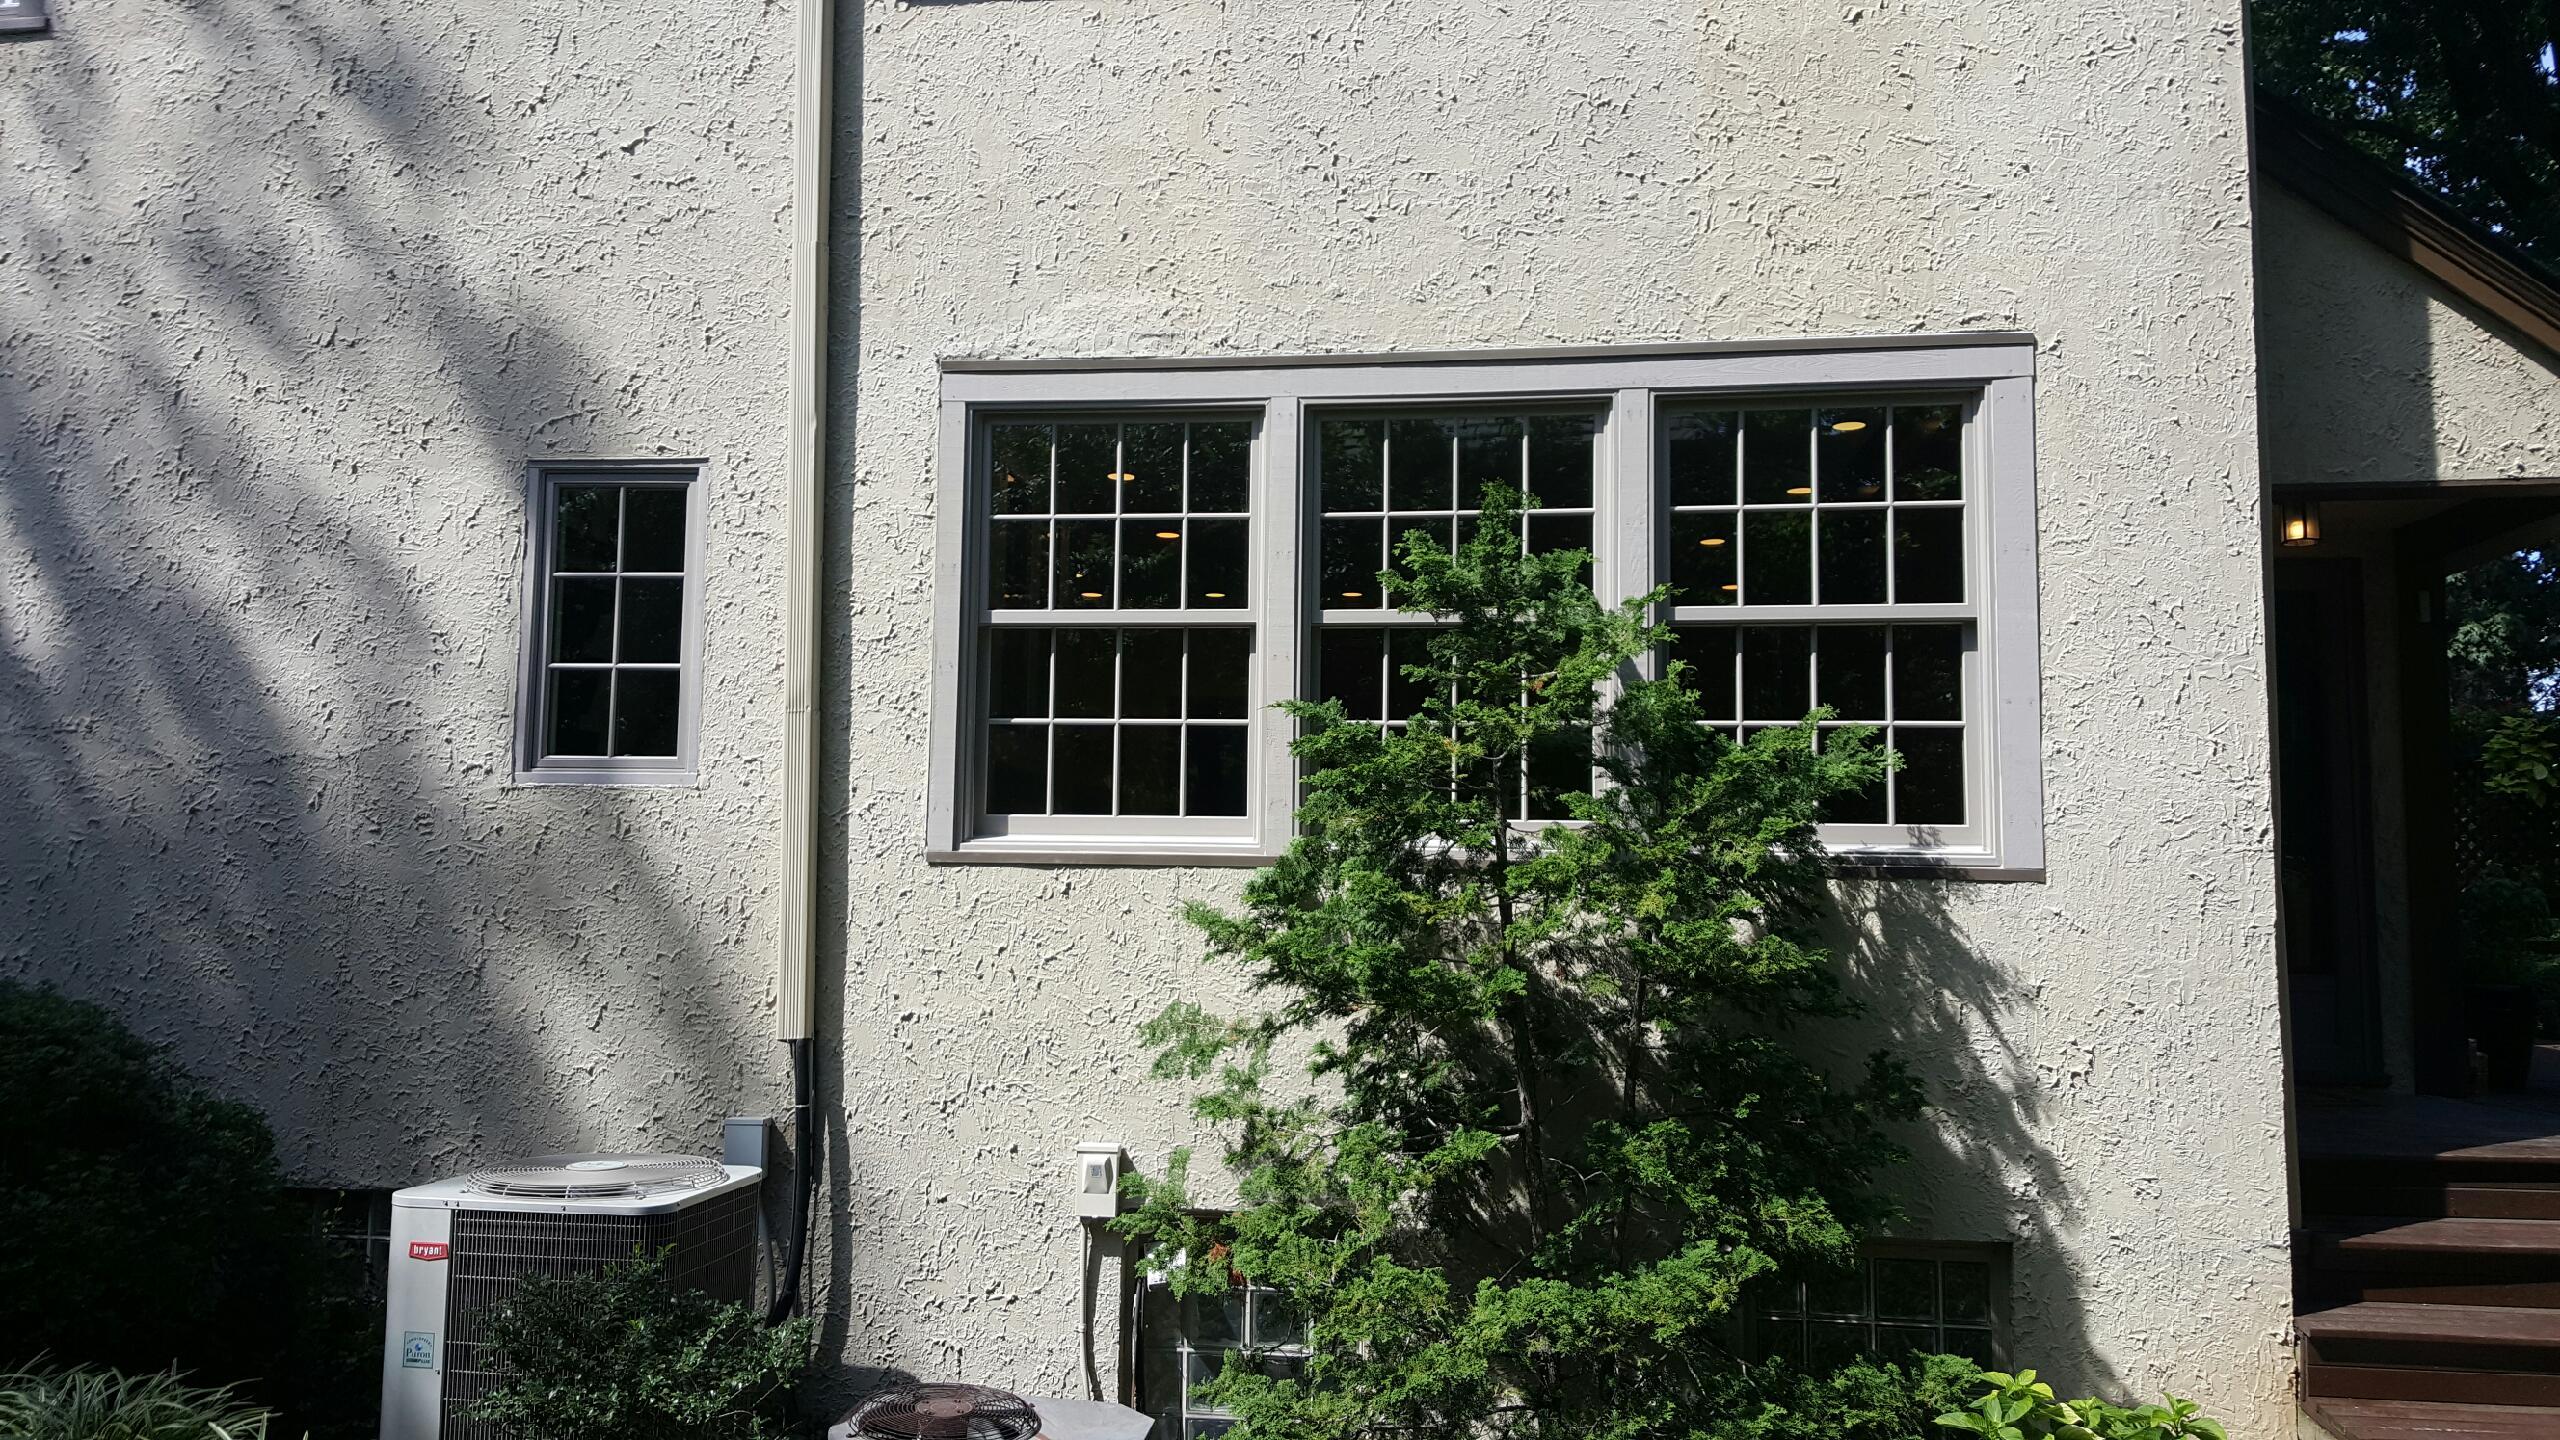 Jfk Window And Door S Window Wednesday For Andersen